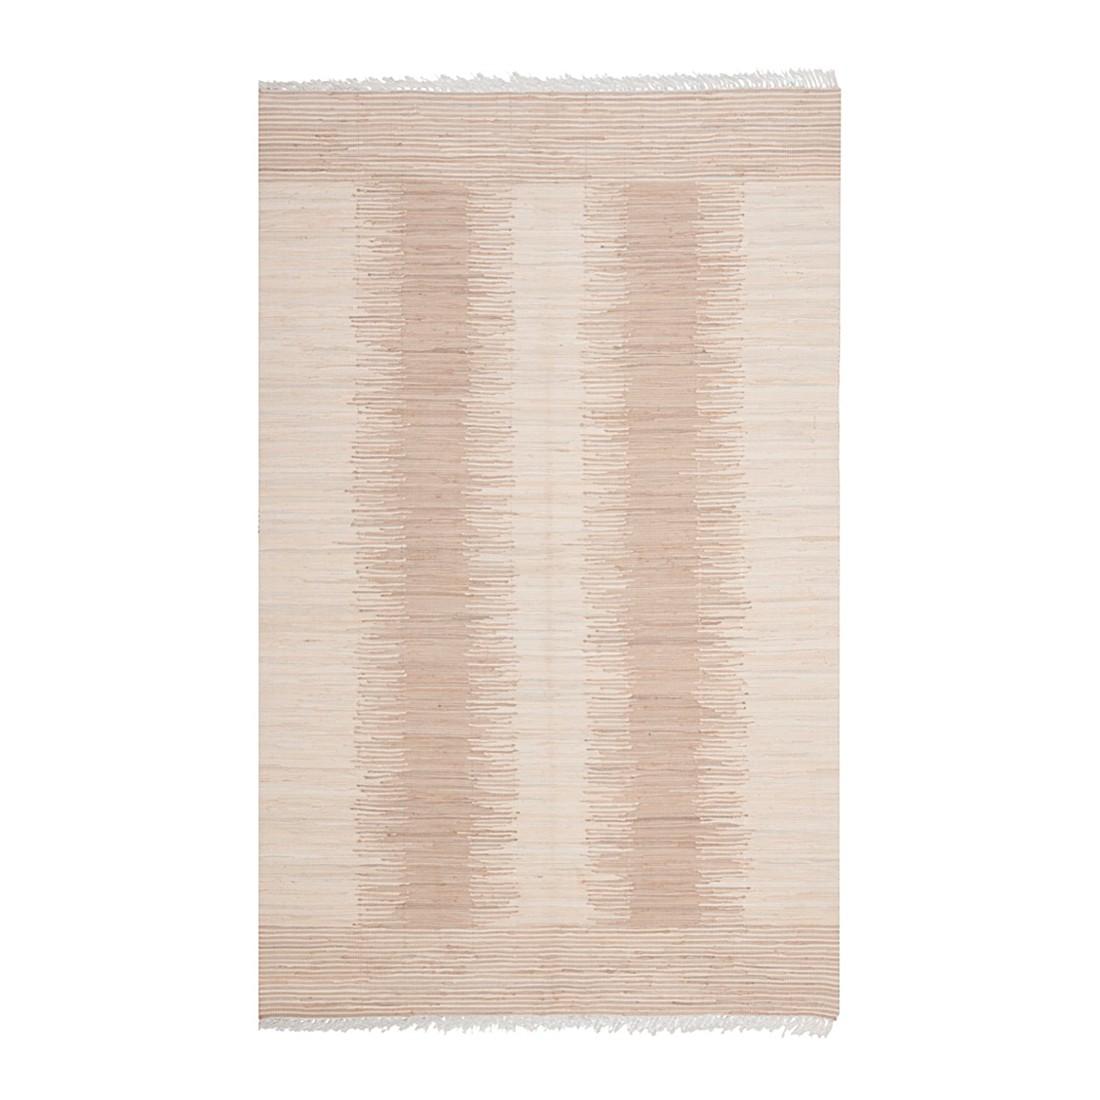 Teppich Mallorca – Beige – 92 x 153 cm, Safavieh günstig